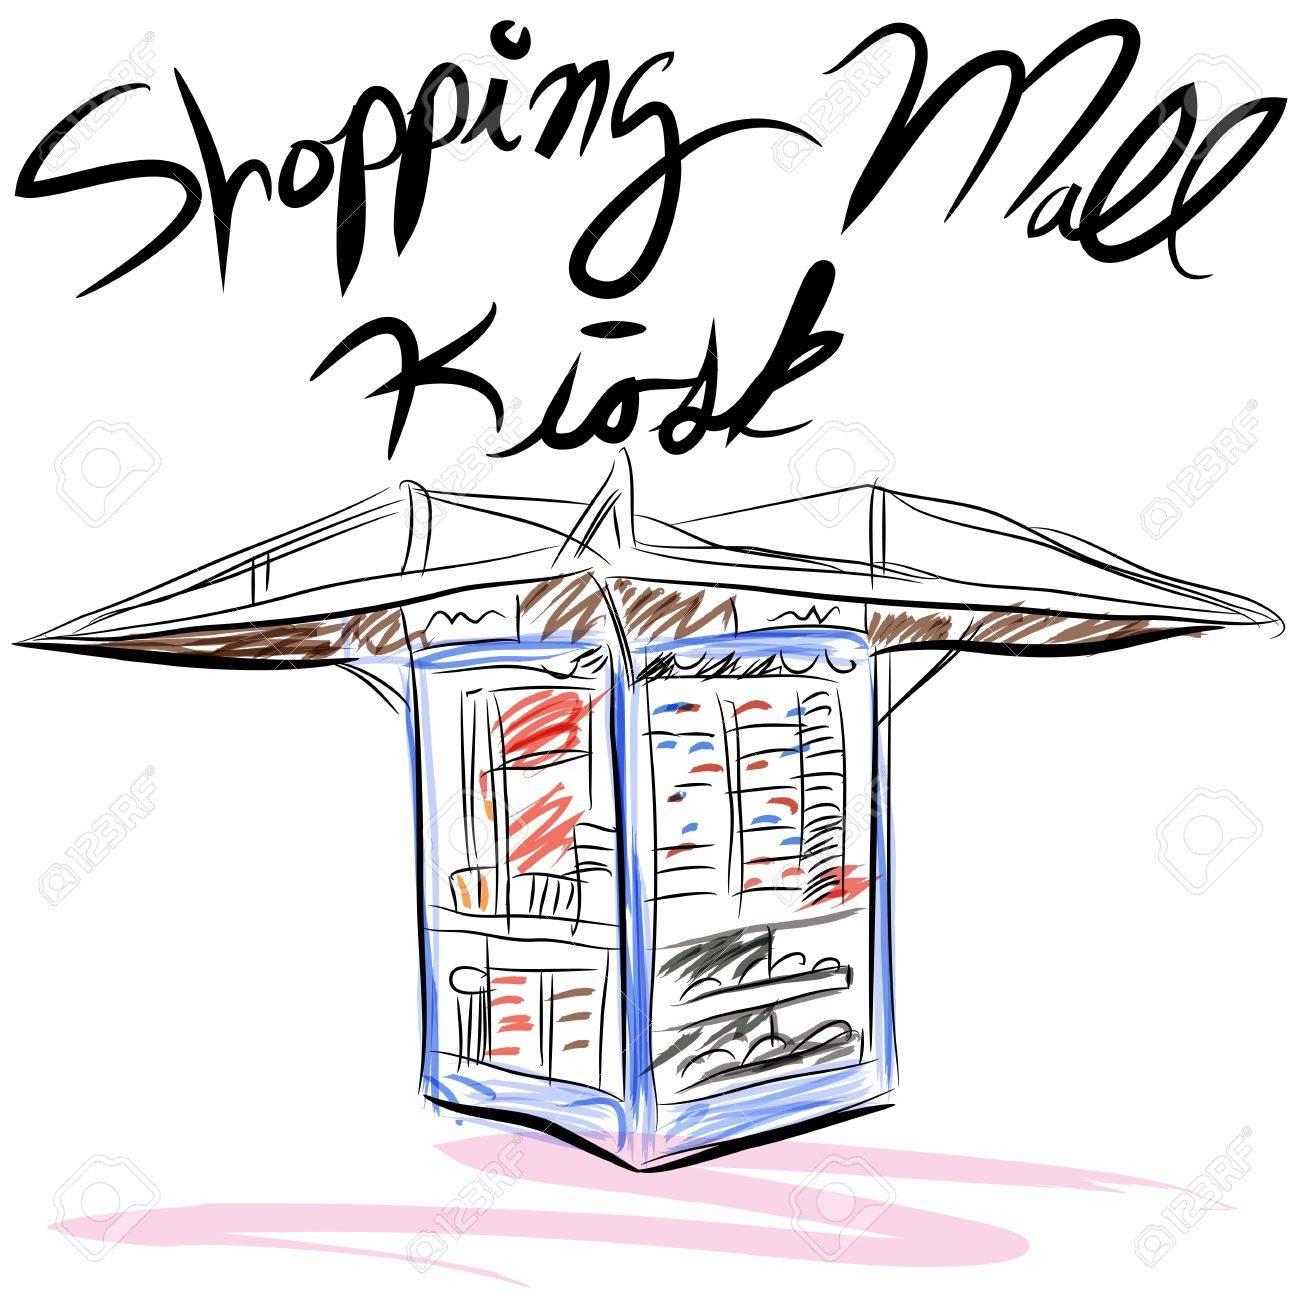 RealtimeCampaign.com Has Some Kiosk Design Ideas For Business 5